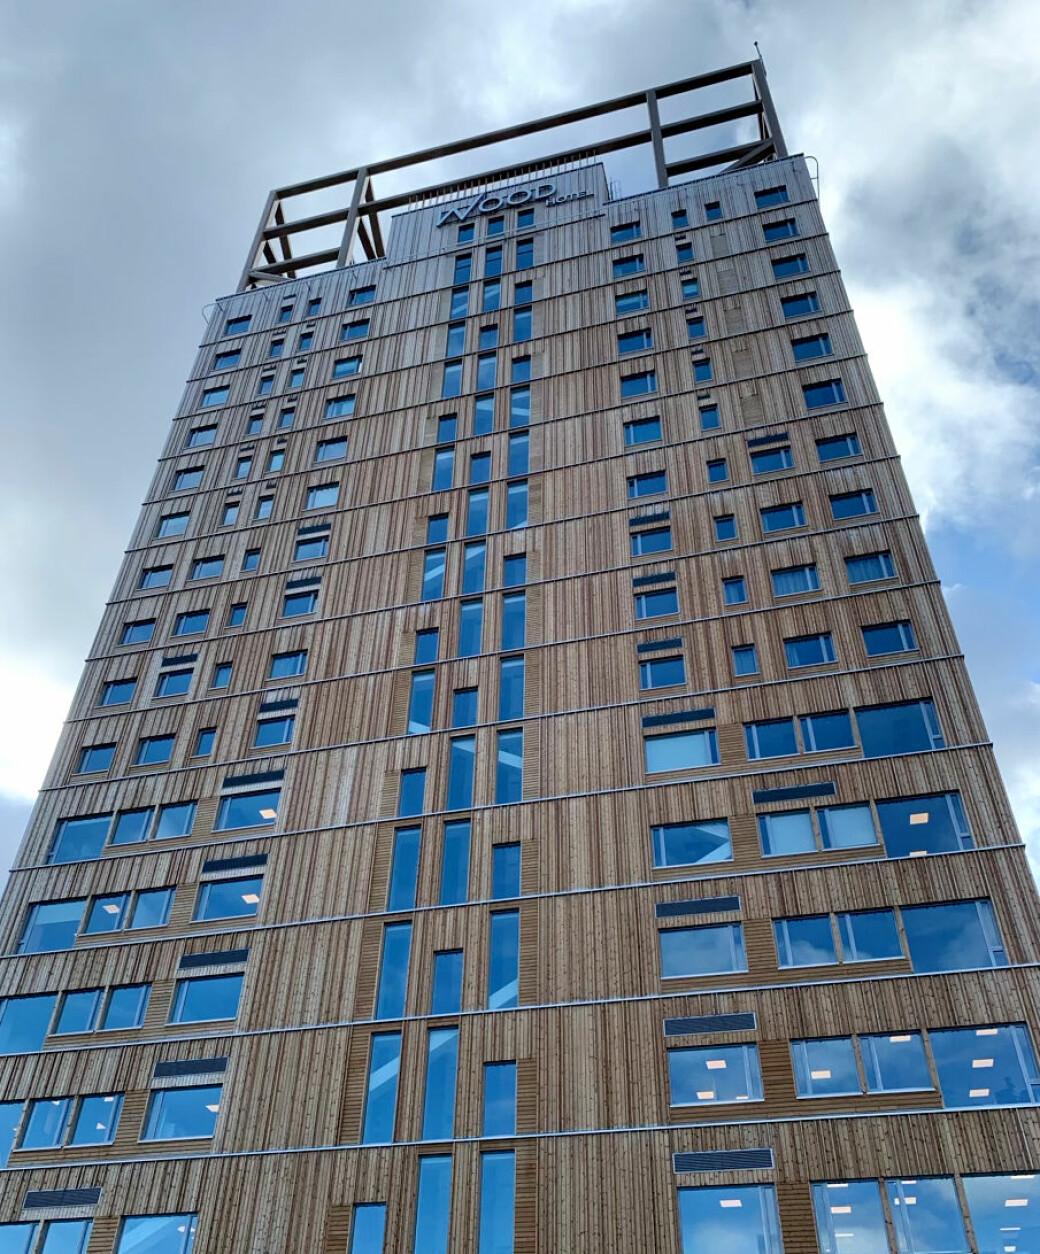 Mjøstårnet huser Wood Hotel, kontorer, svømmehall, restaurant og leiligheter. Det 87 meter høye bygget er verdens høyeste trehus og ligger ved Mjøsas bredder i Brumunddal.